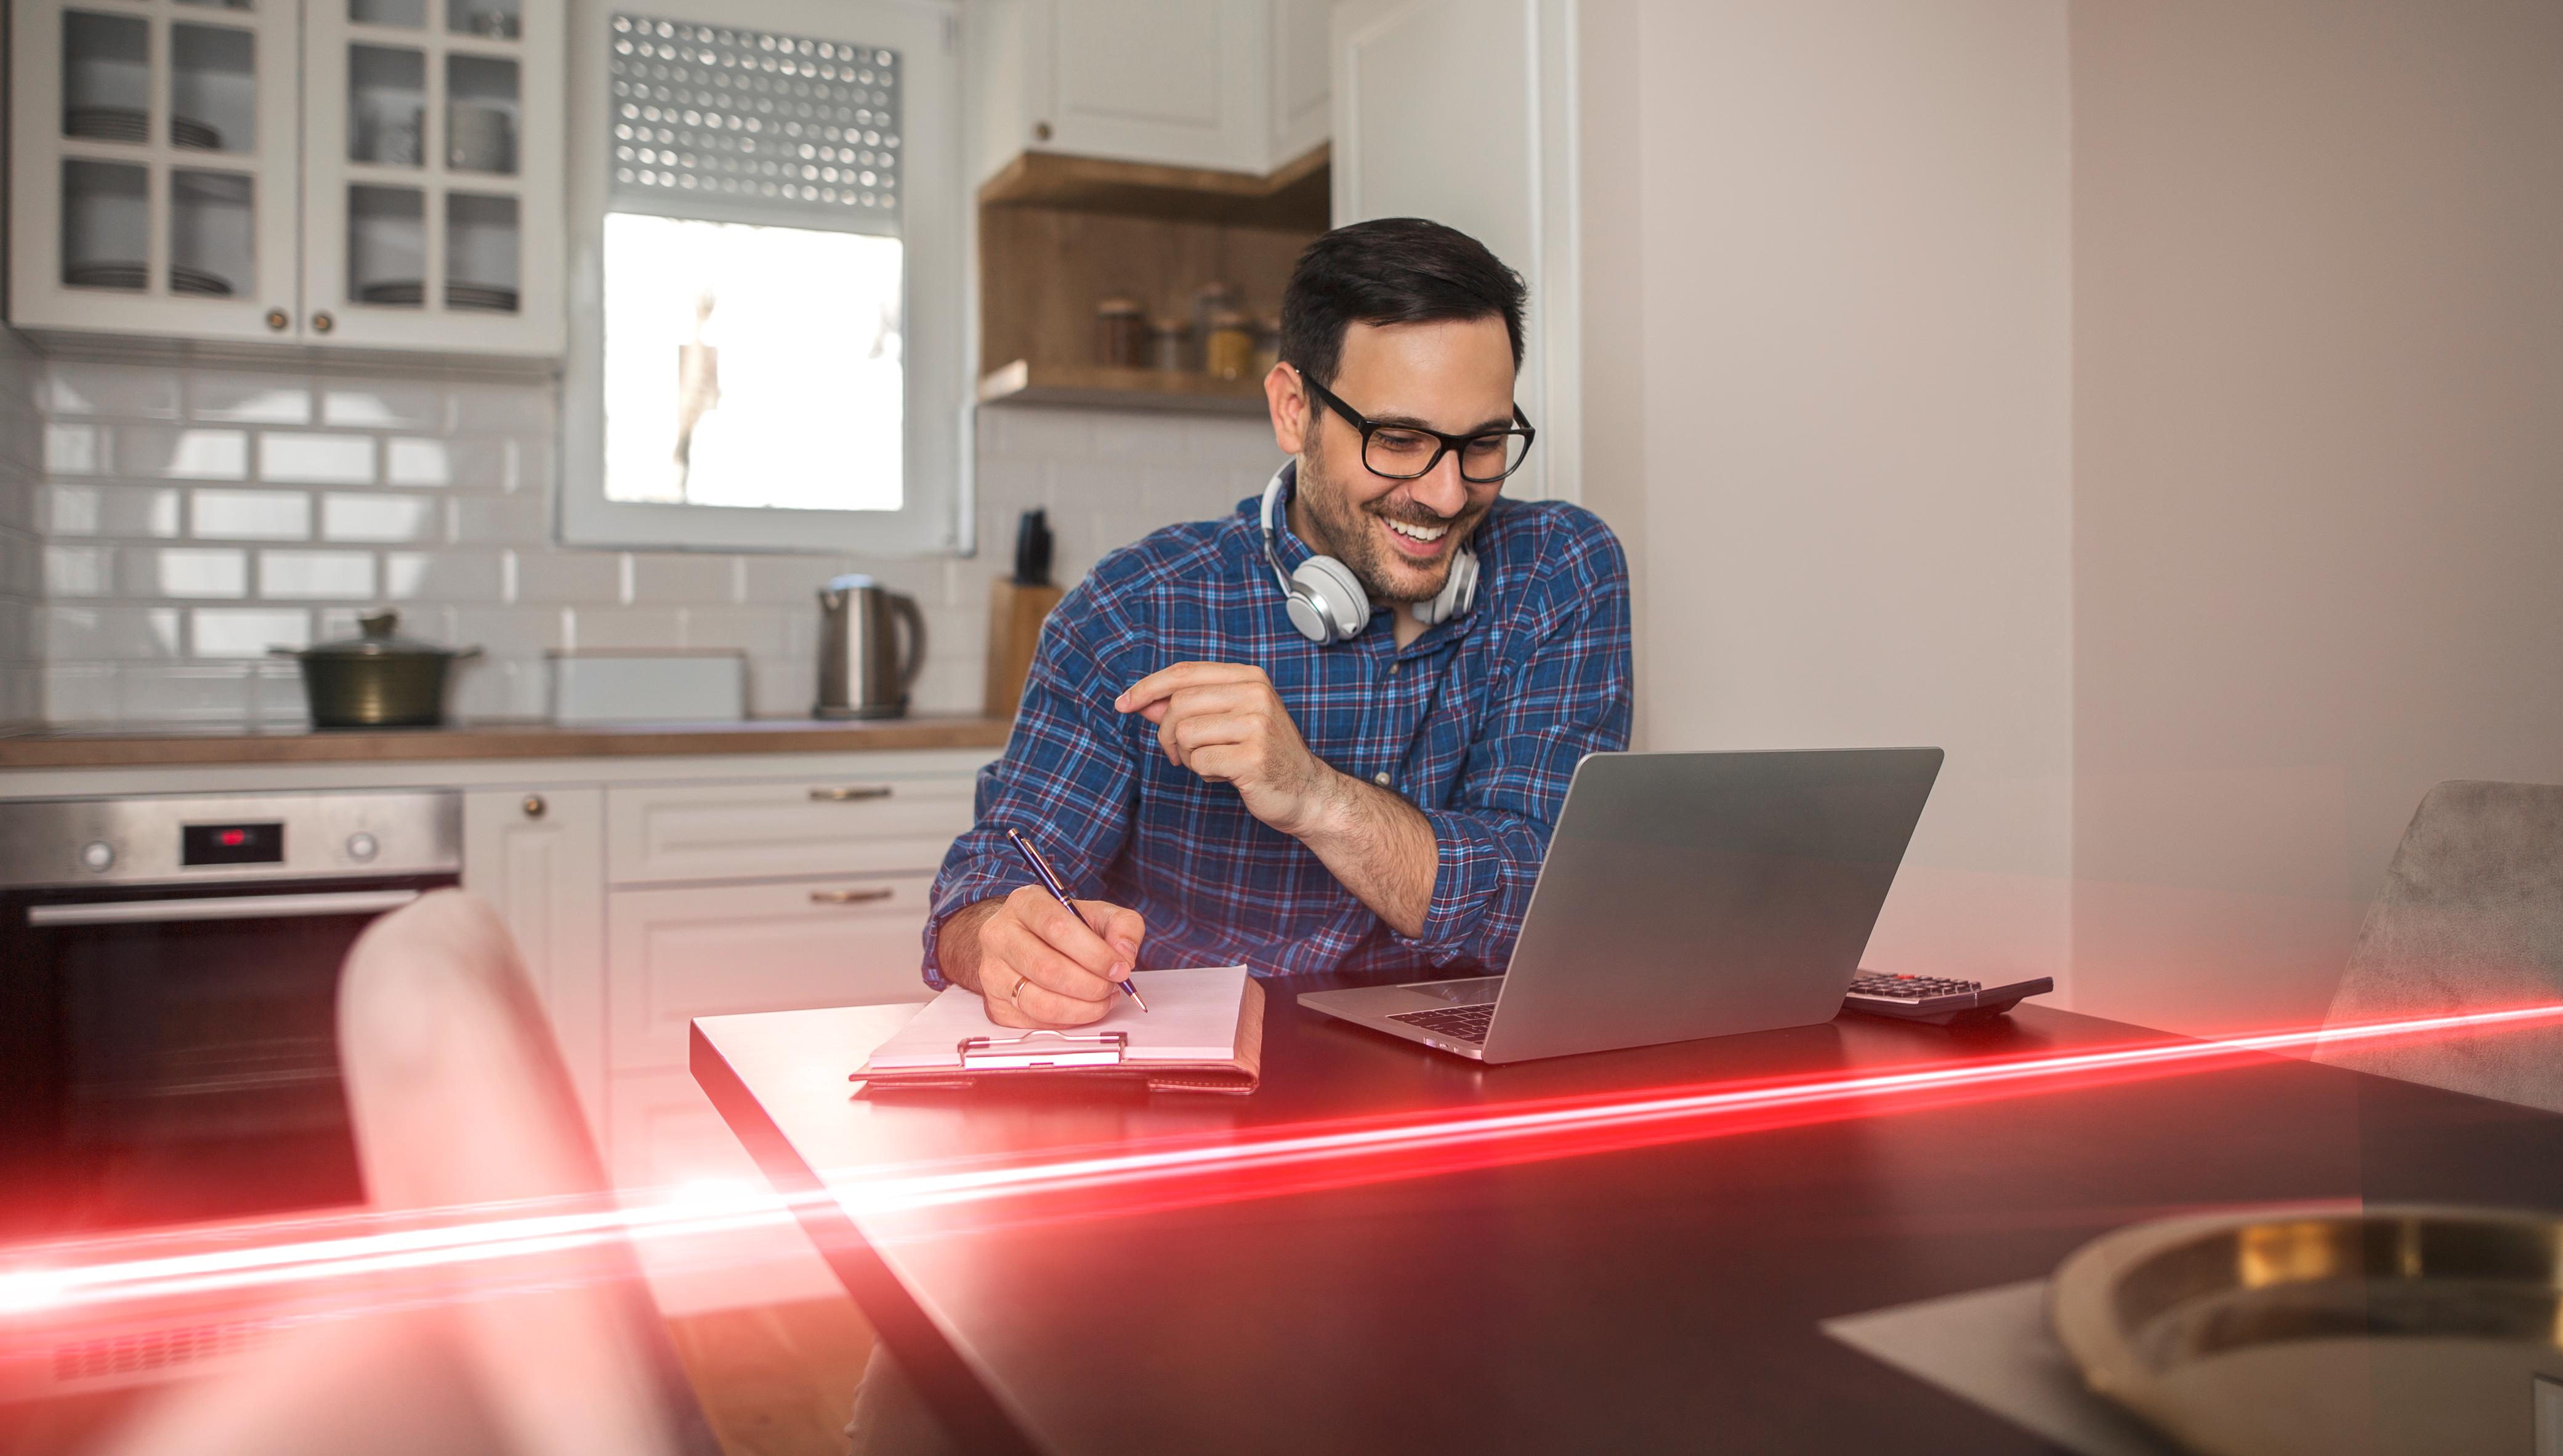 man sat at laptop with red eplan strobe